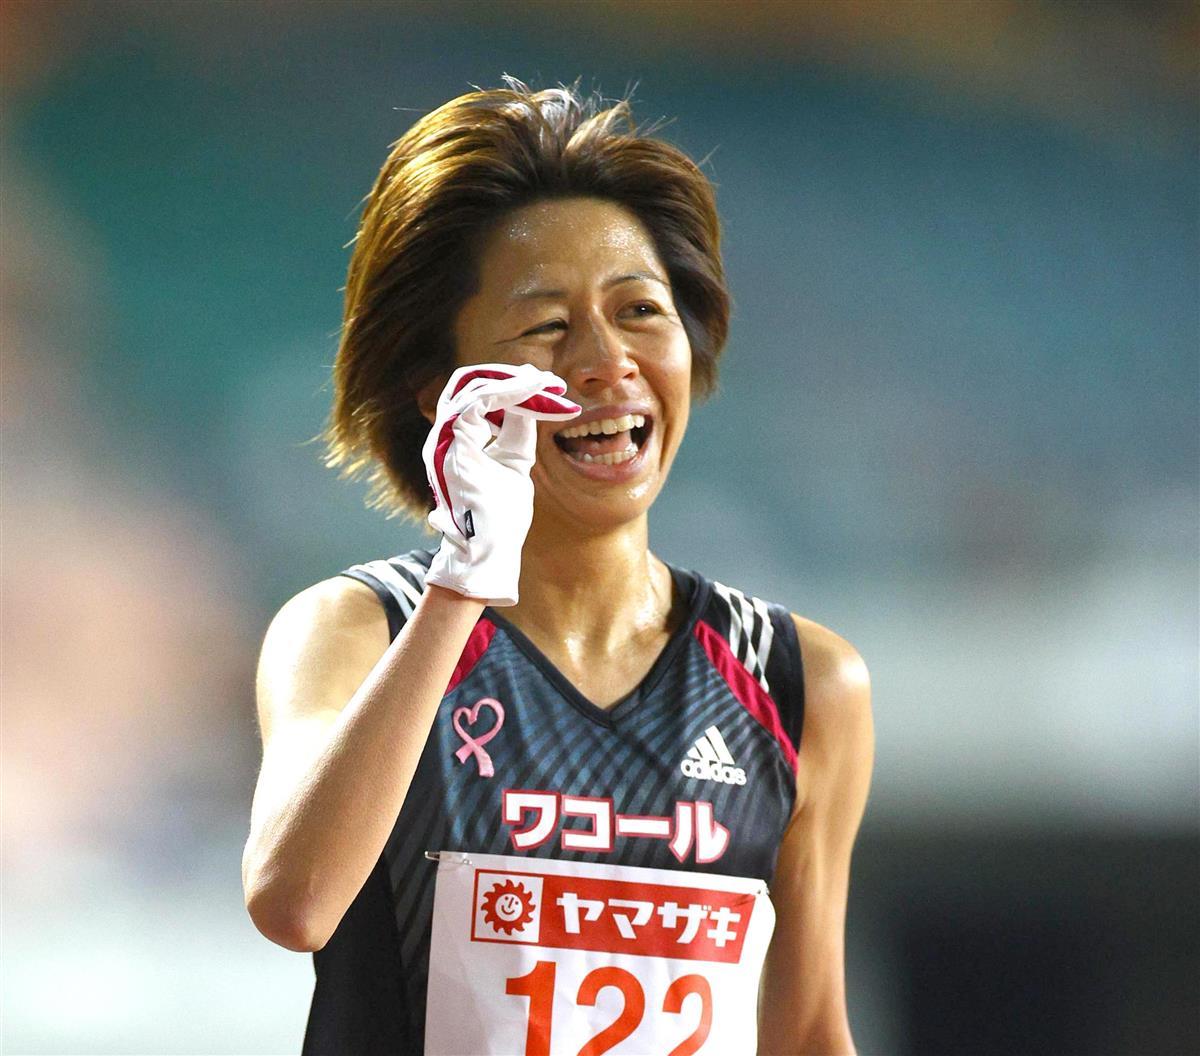 【思ふことあり】スポーツジャーナリスト・増田明美 それぞれの引き際